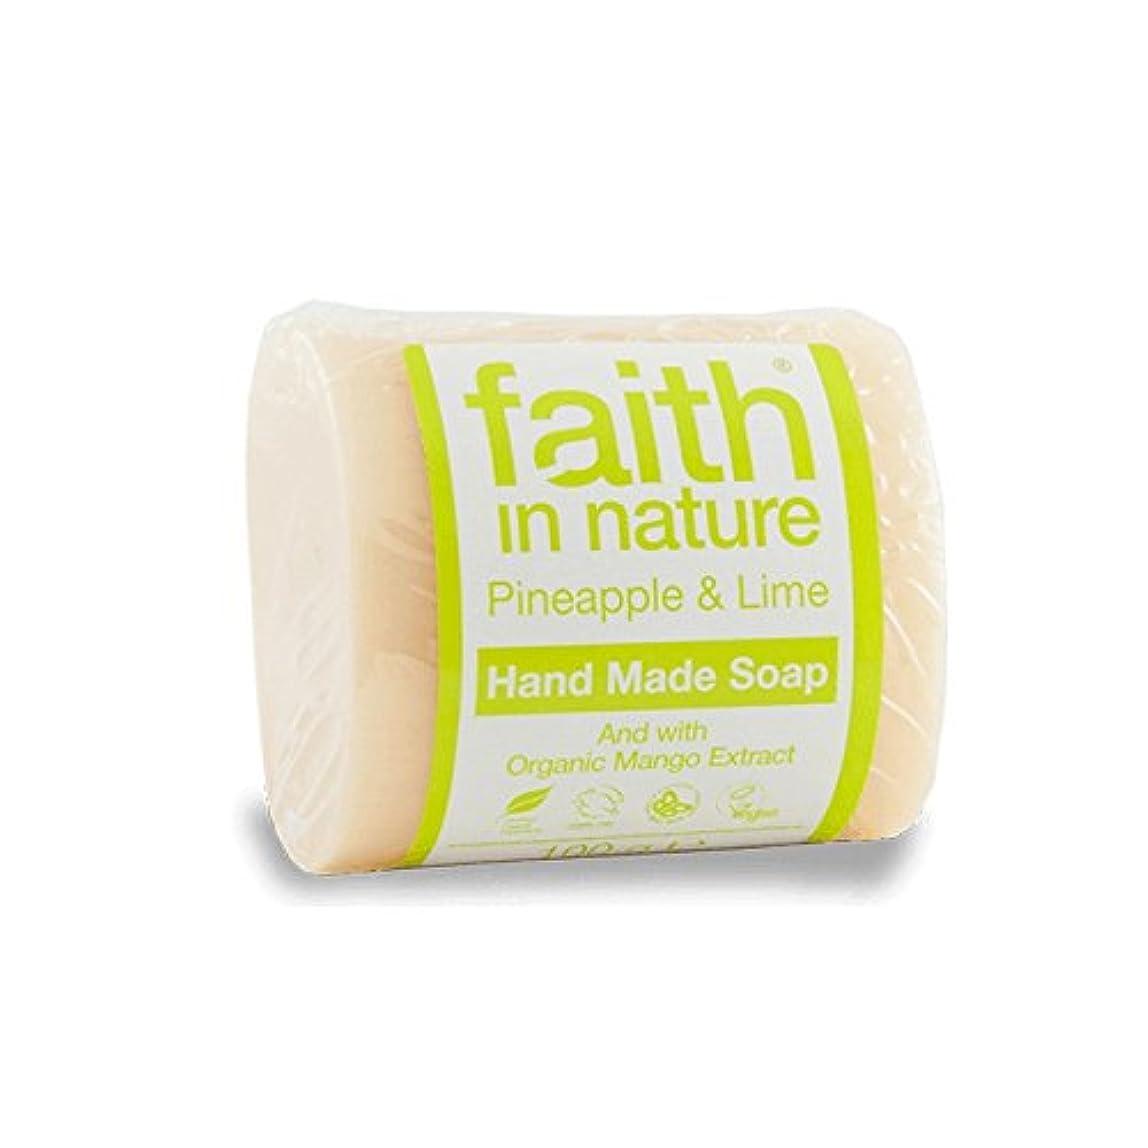 トランクライブラリ起こる文言Faith in Nature Pineapple & Lime Soap 100g (Pack of 6) - 自然パイナップル&ライムソープ100グラムの信仰 (x6) [並行輸入品]